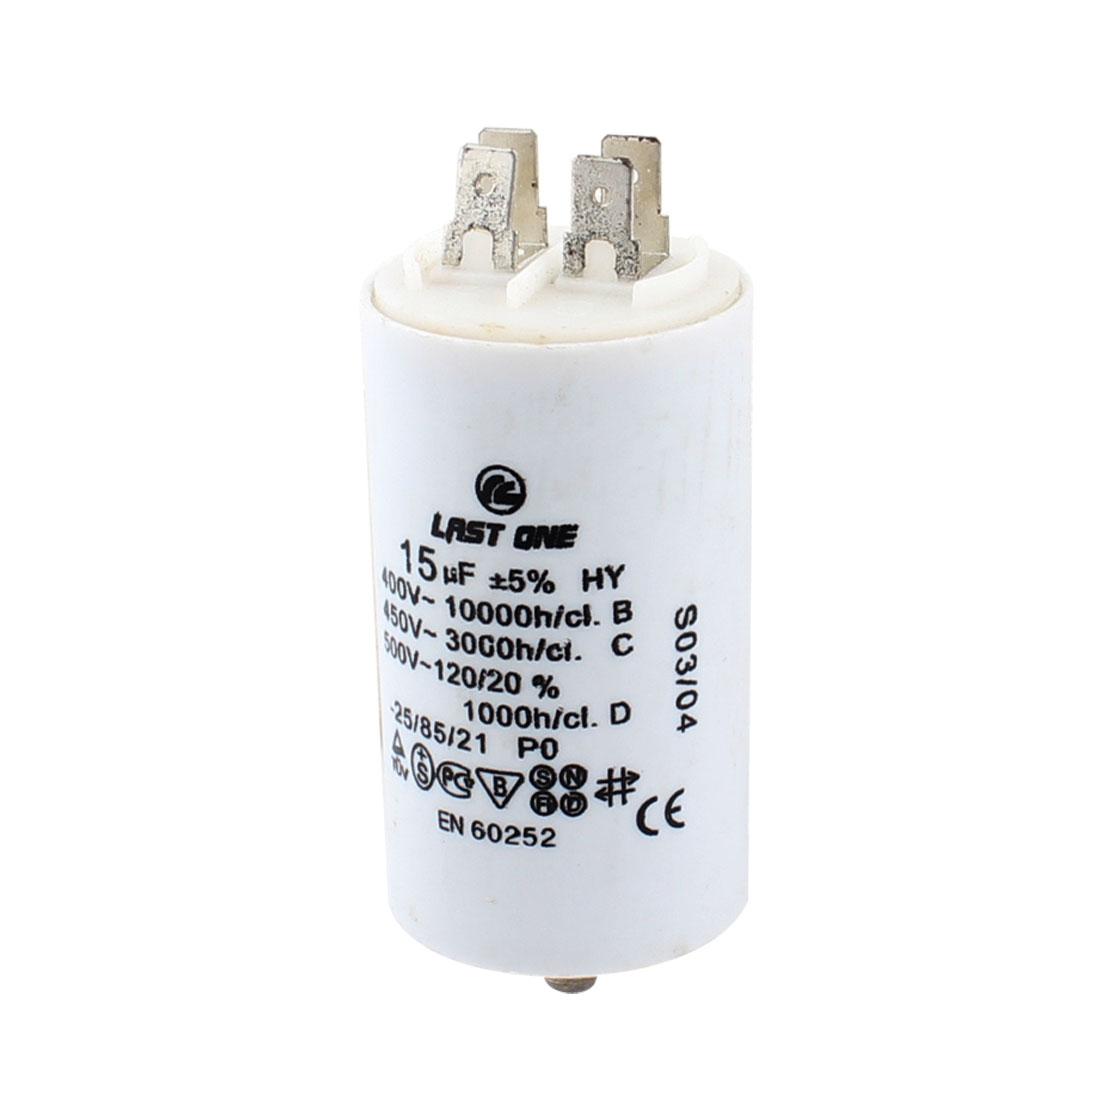 AC 400V 450V 500V 15uF Cylinder Shaped Polypropylene Film Motor Capacitor